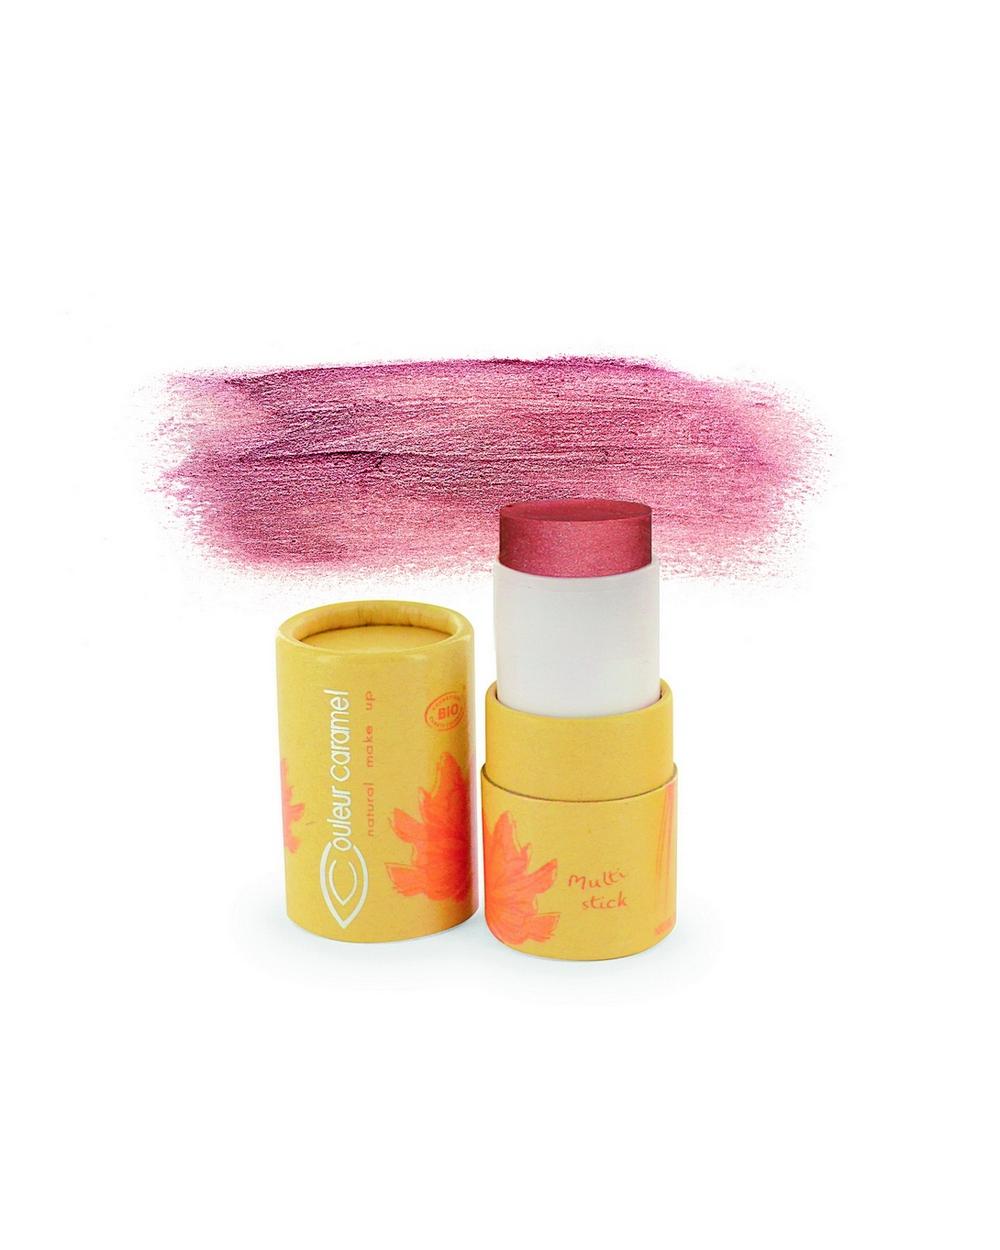 Multistick couleur caramel 118363 embellissetvous fr